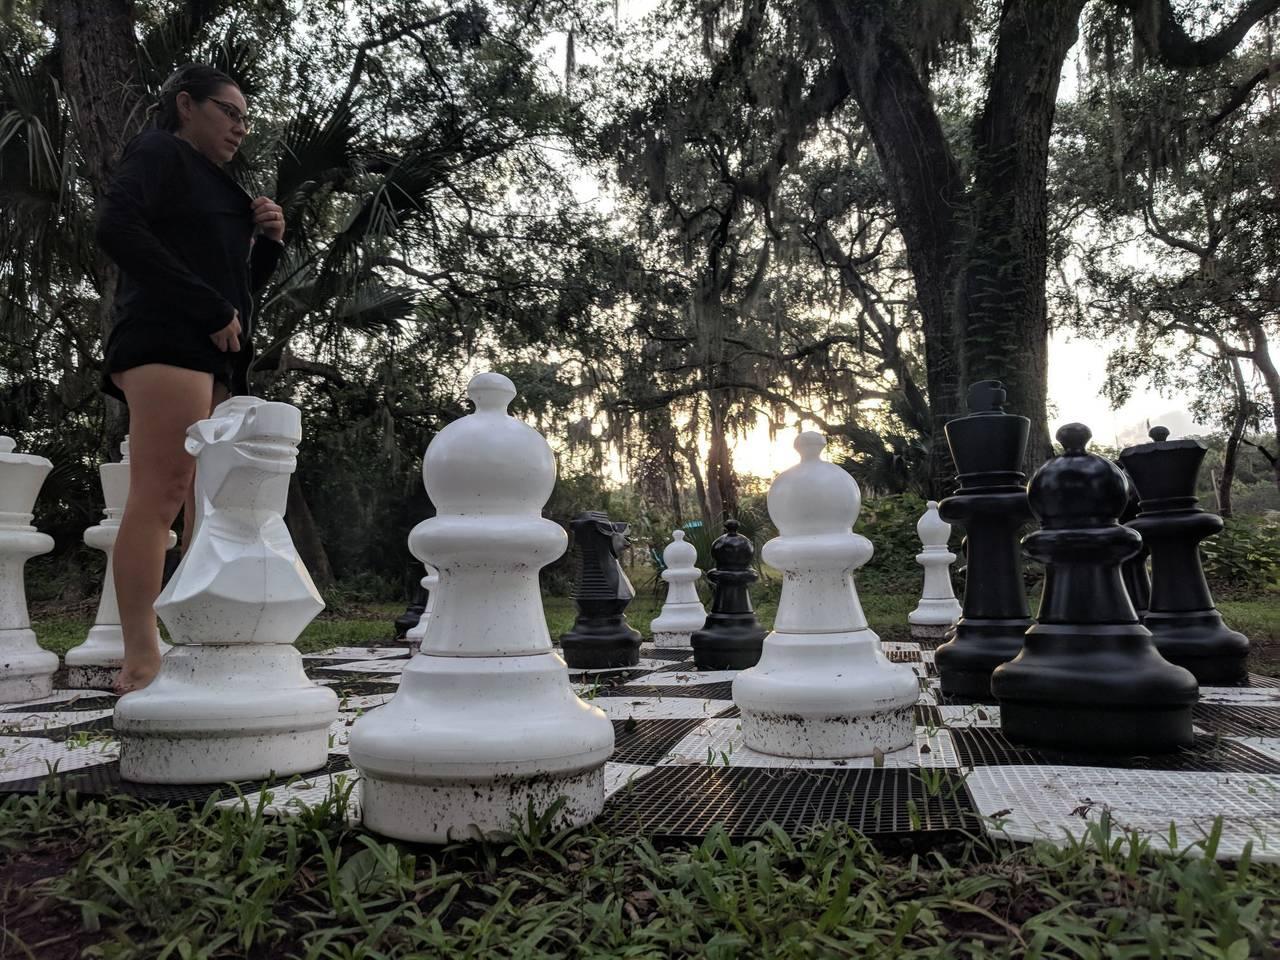 Jumbo chessboard set